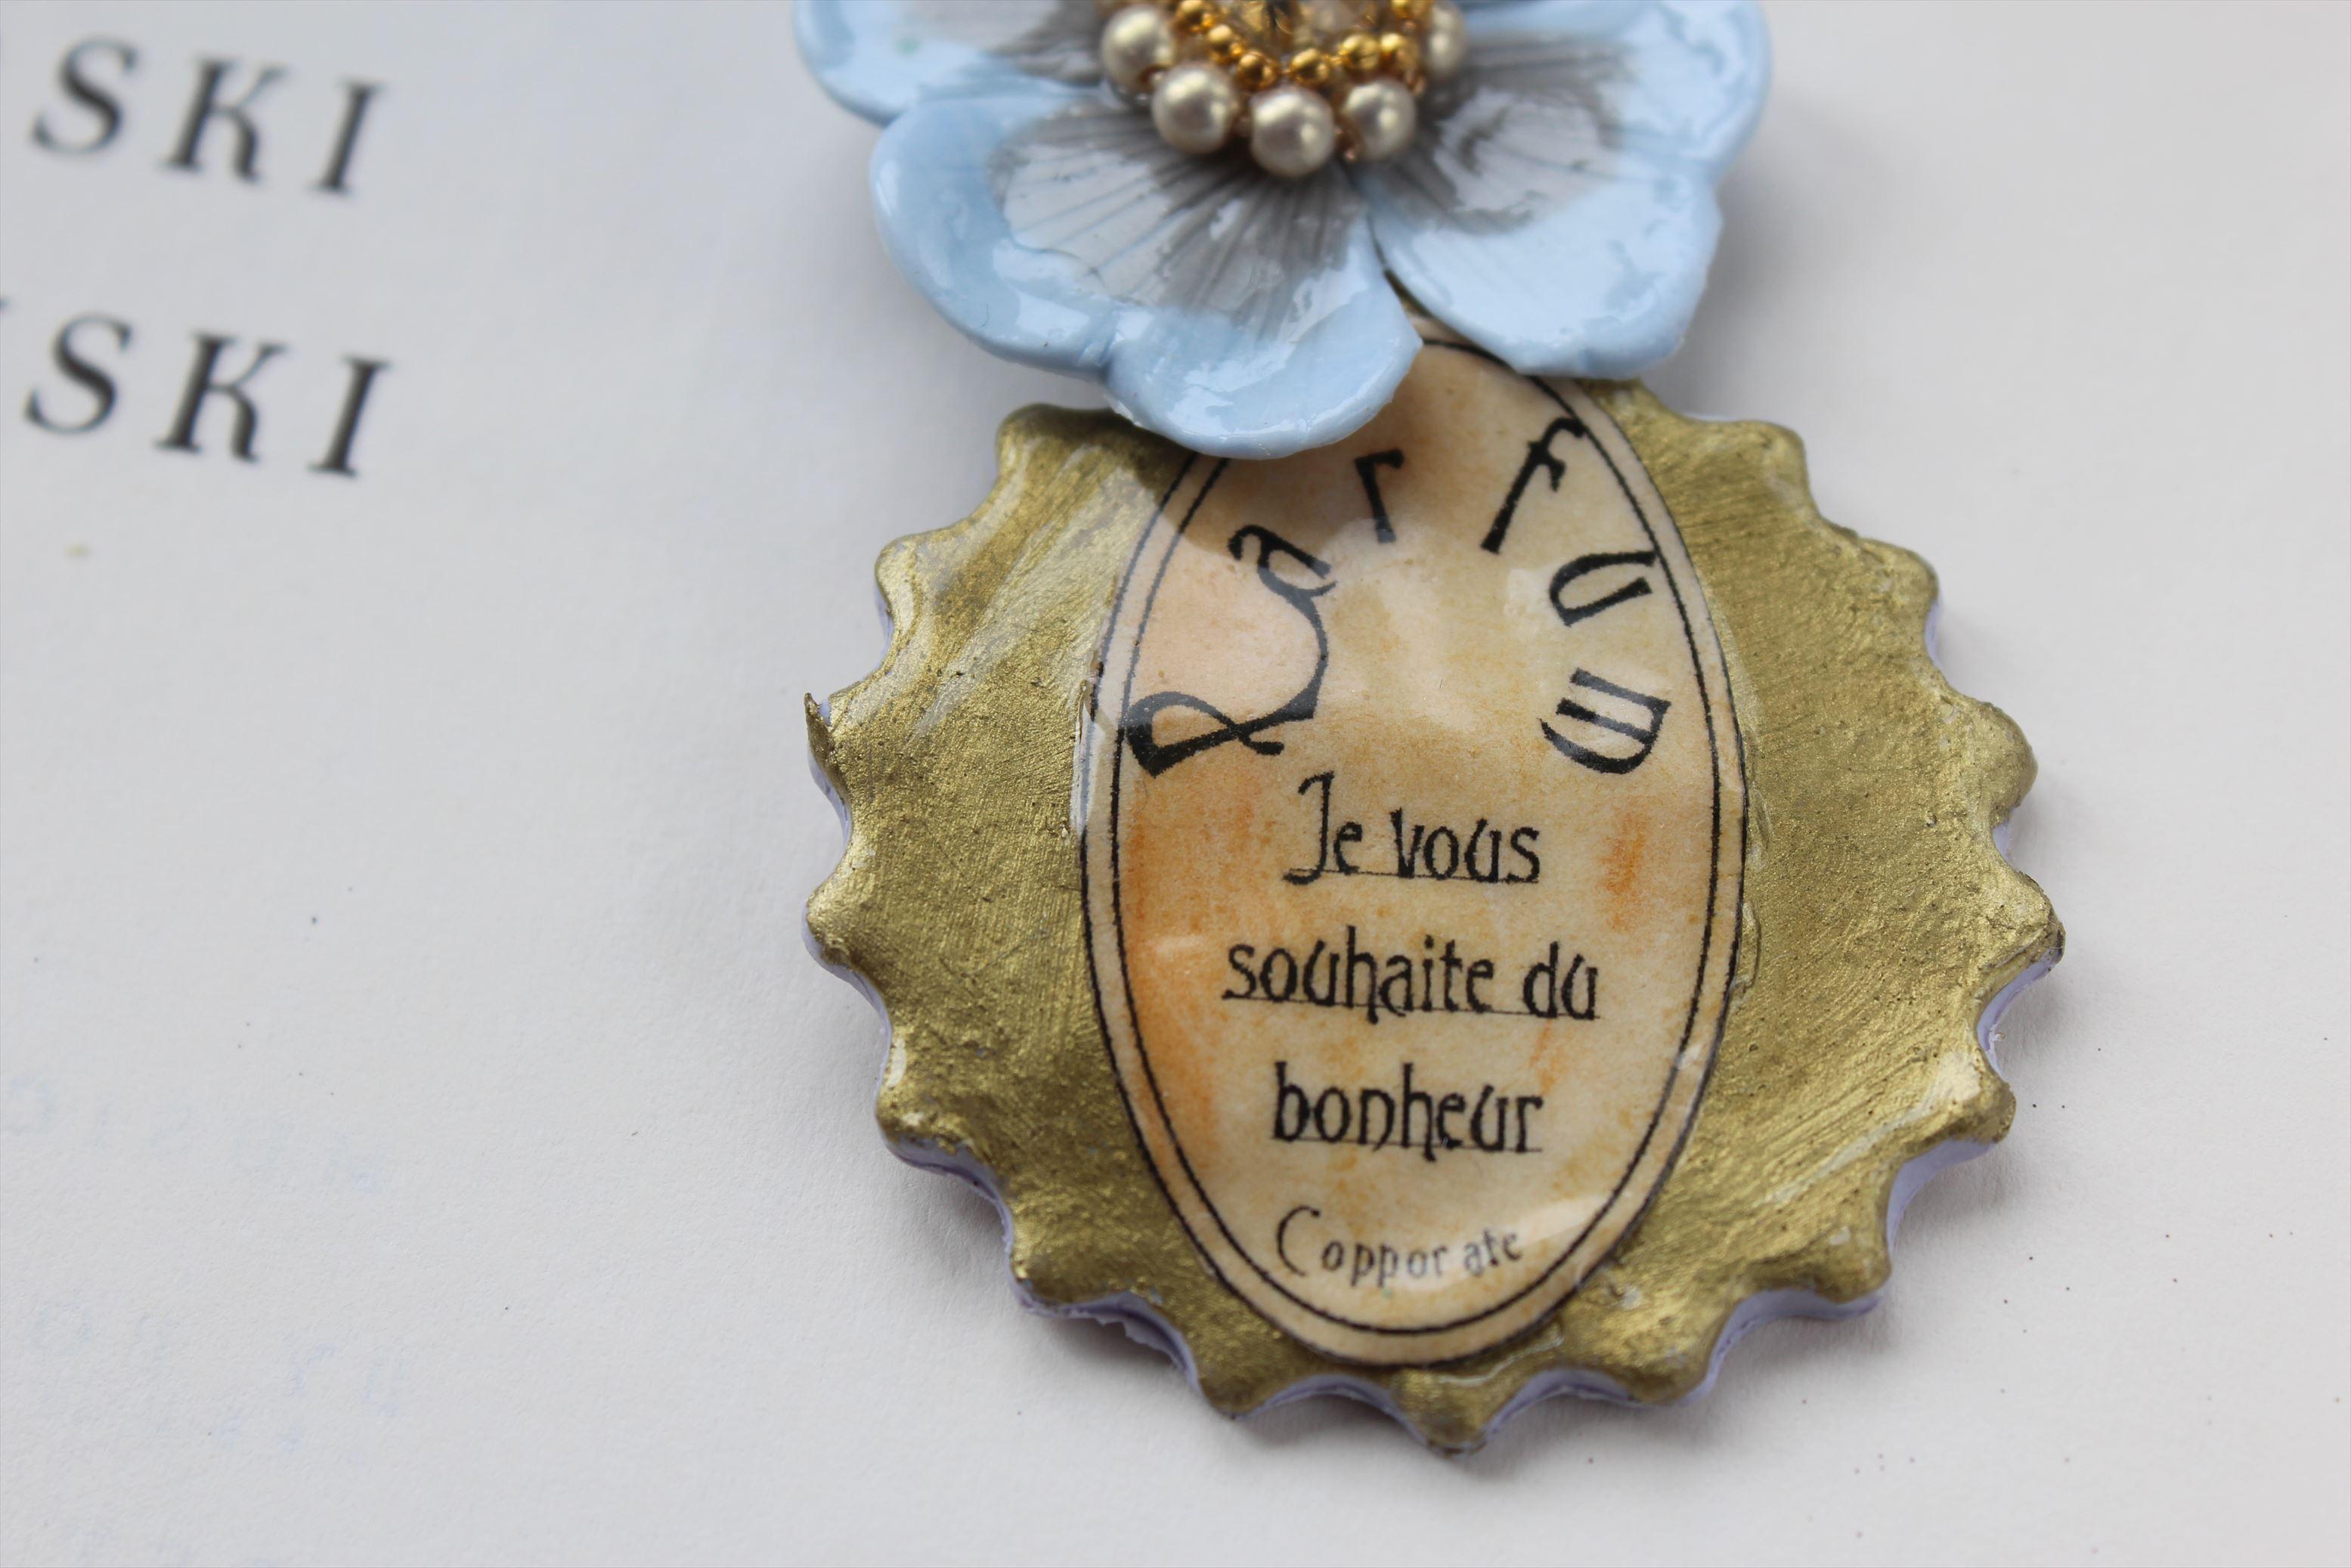 花の香水瓶のネックレス